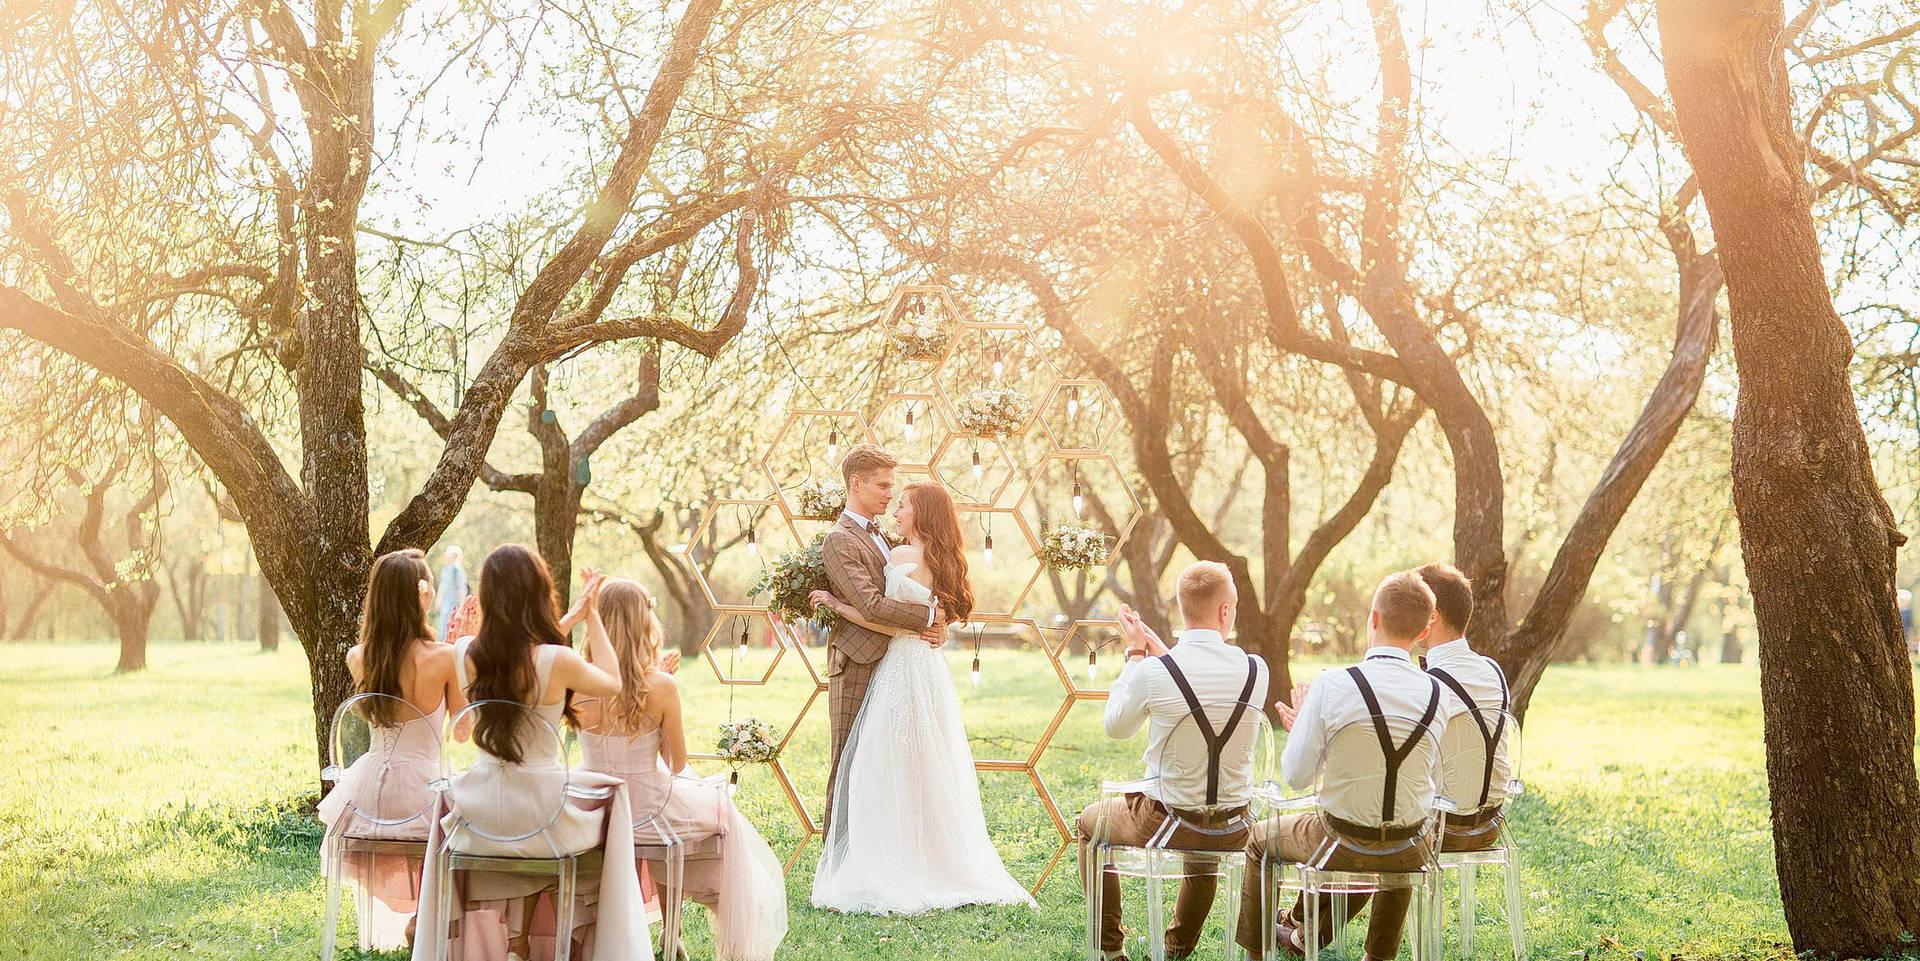 свадебная регистрация брака